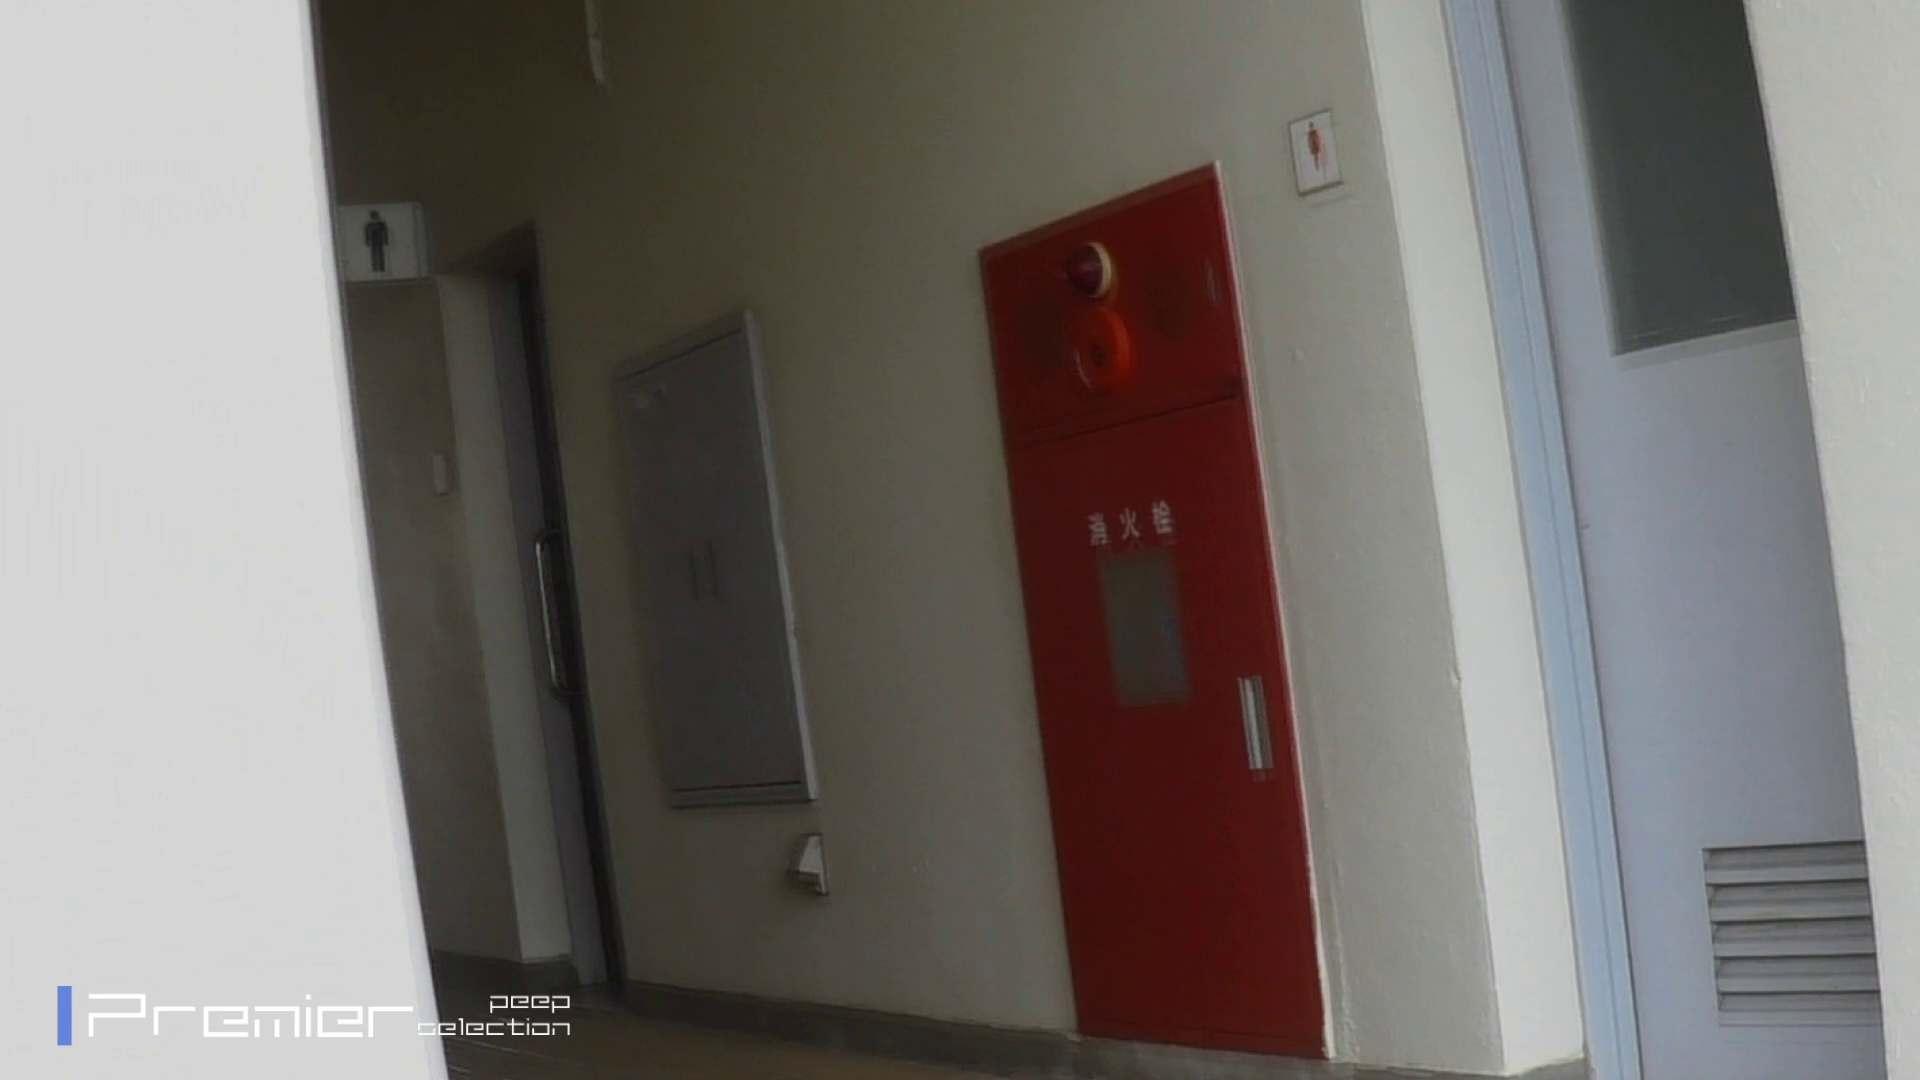 FHD激カワ!激やば! 復讐のトイレ盗撮 Vol.03 トイレ中 | 盗撮エロすぎ  78連発 29